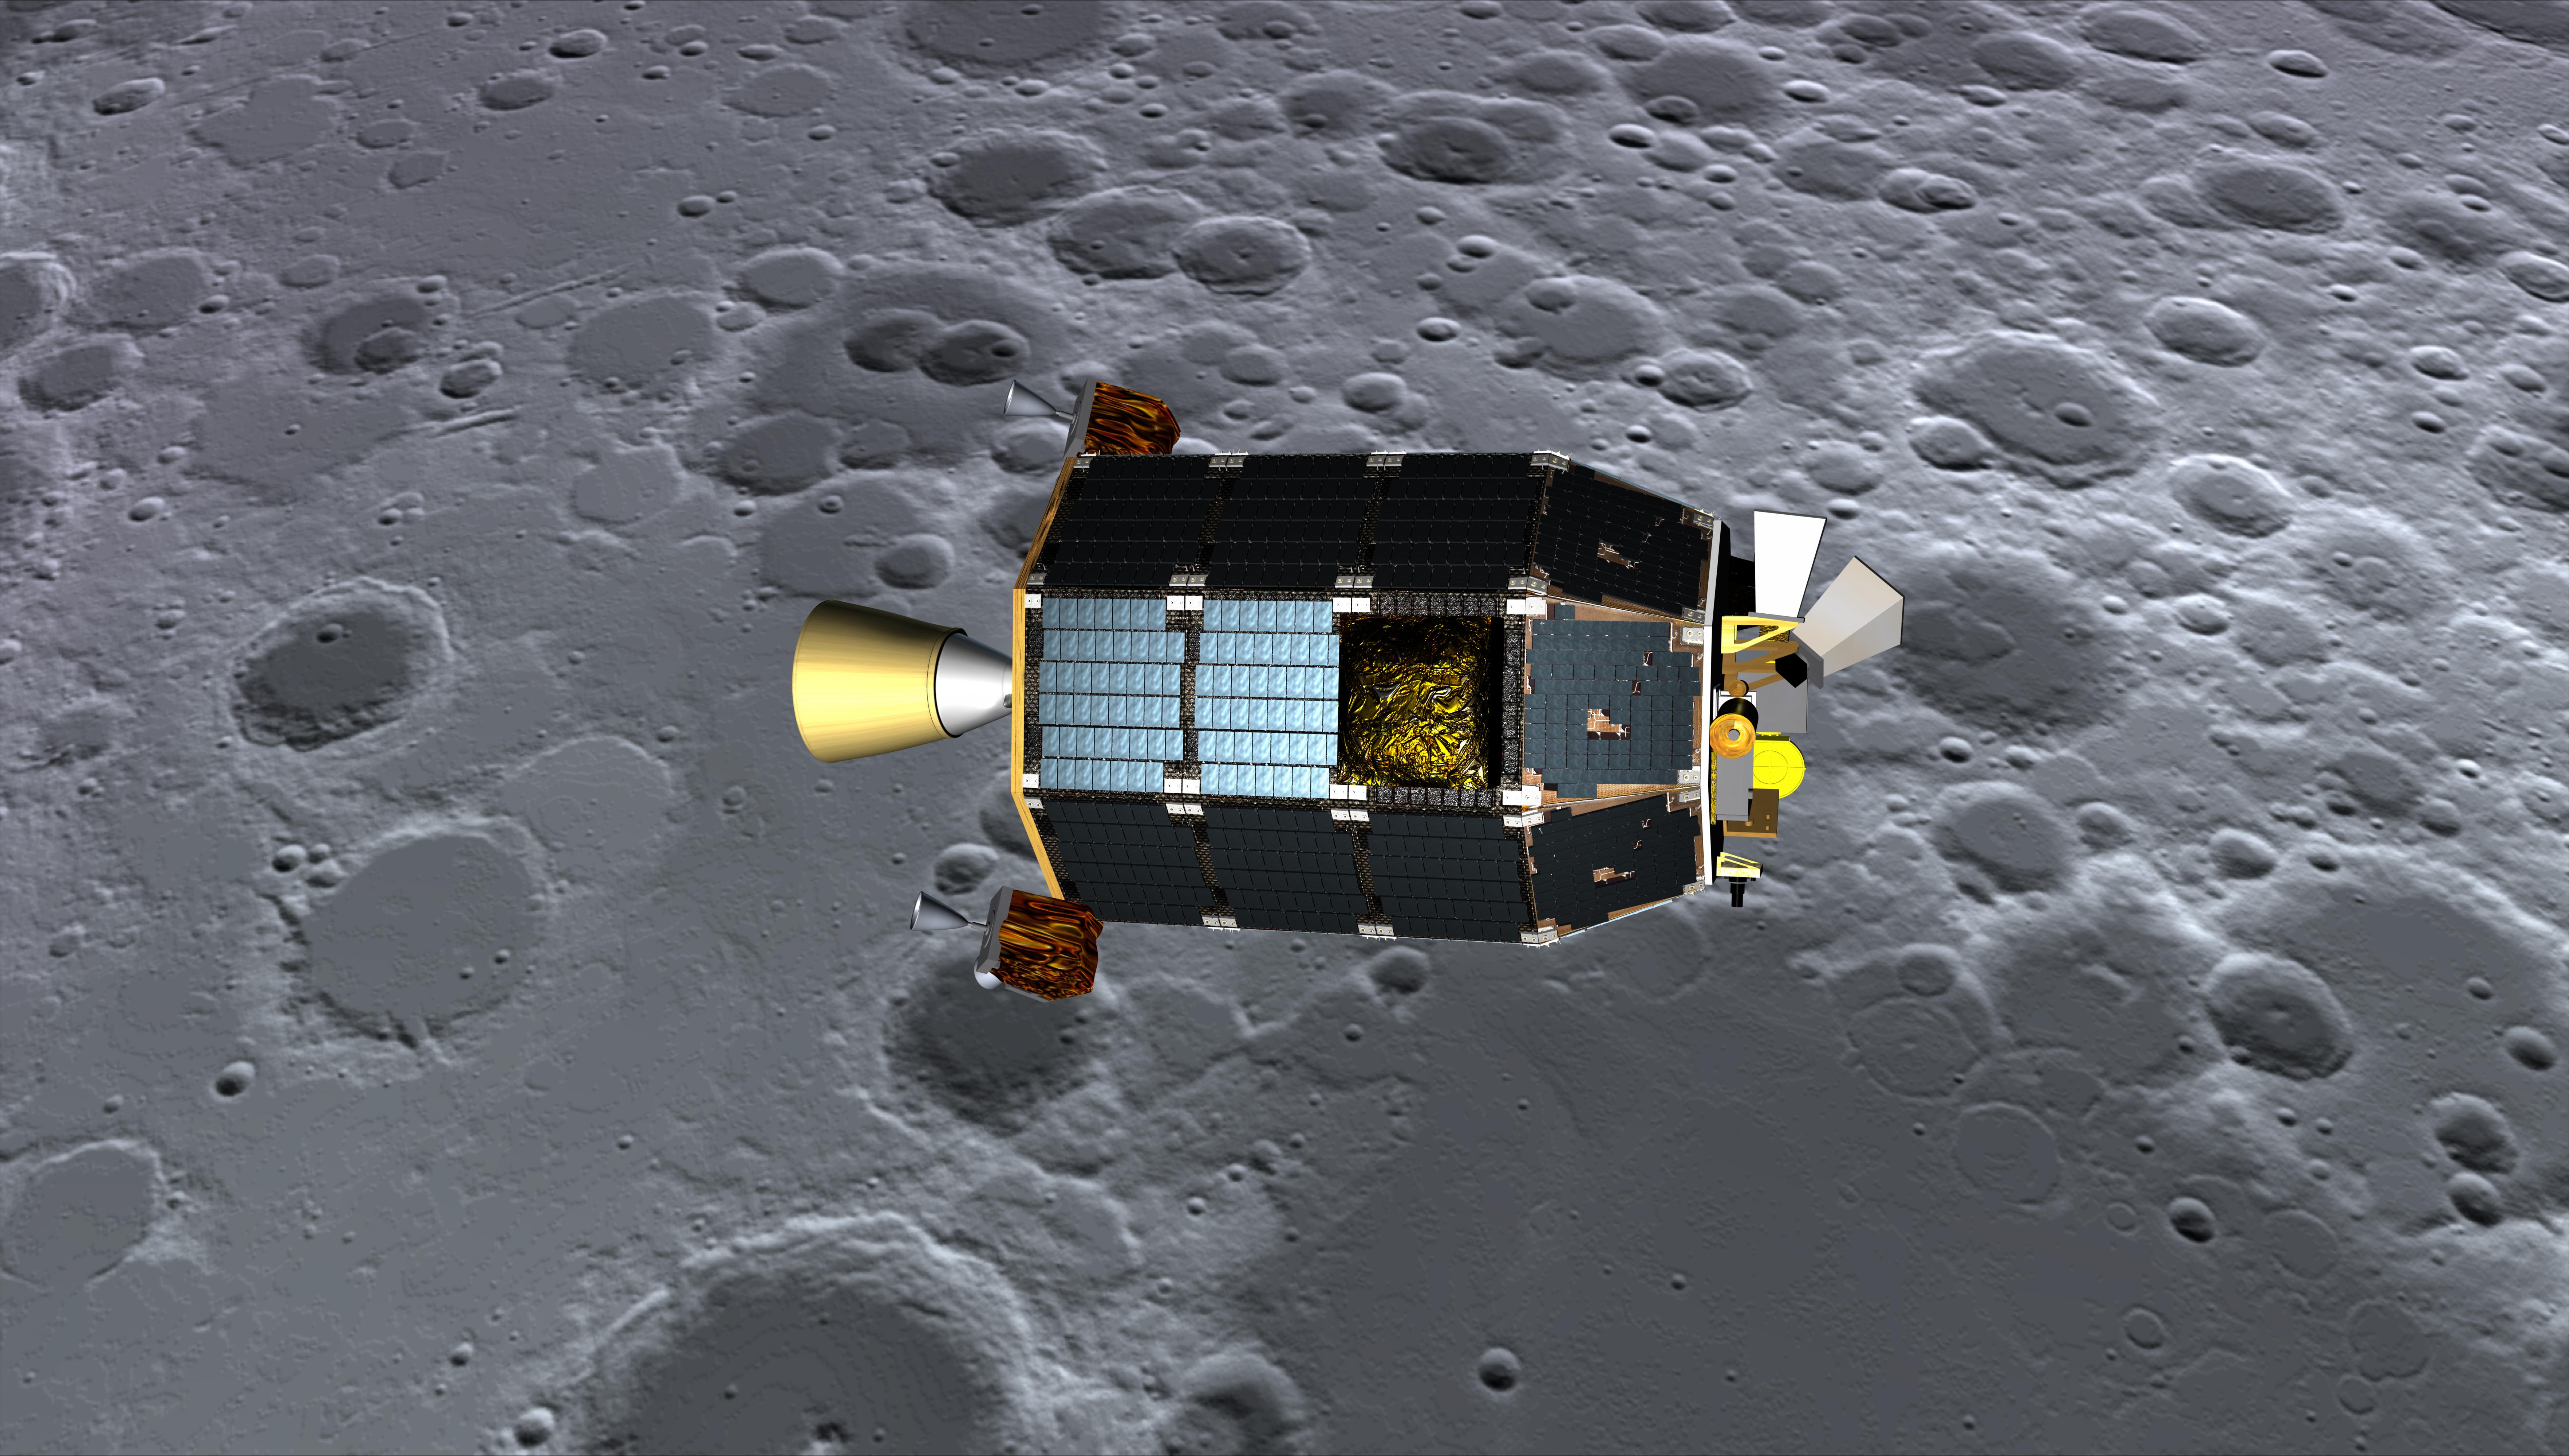 Moon Images Nasa an Artist's Concept of Nasa's